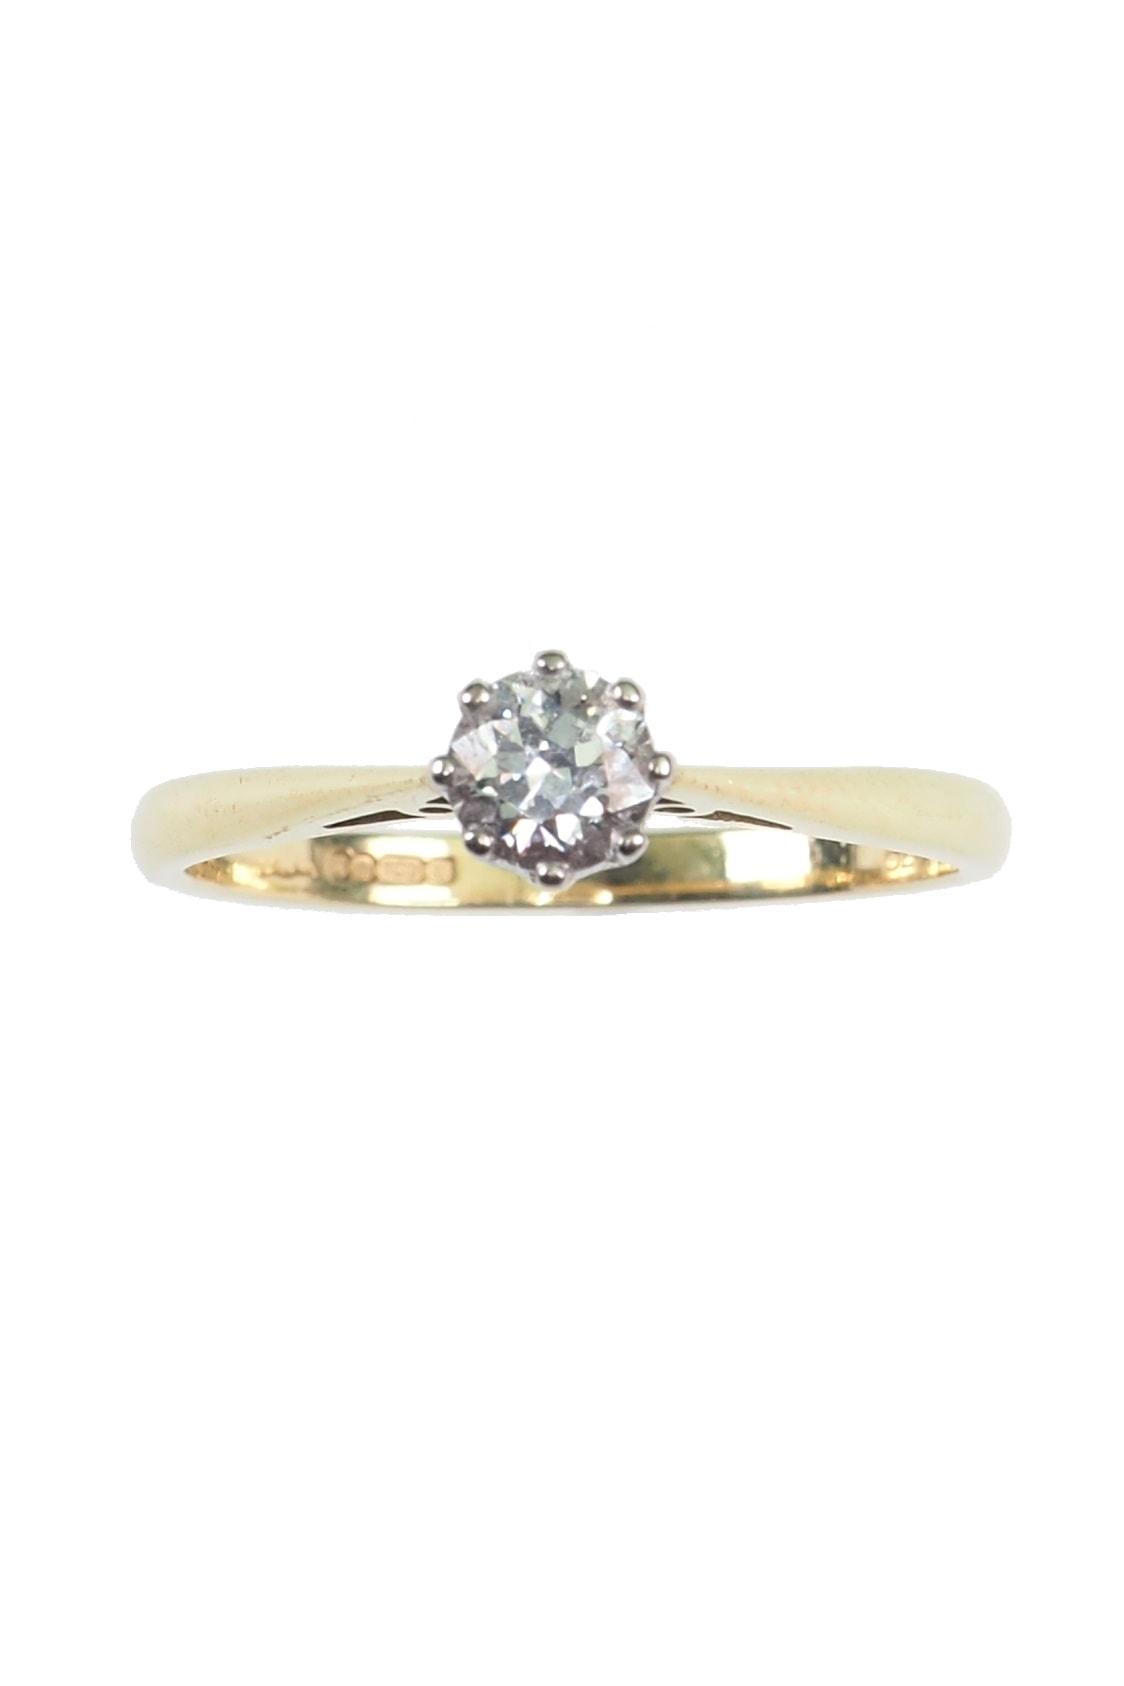 Verlobungsring-online-kaufen-2762